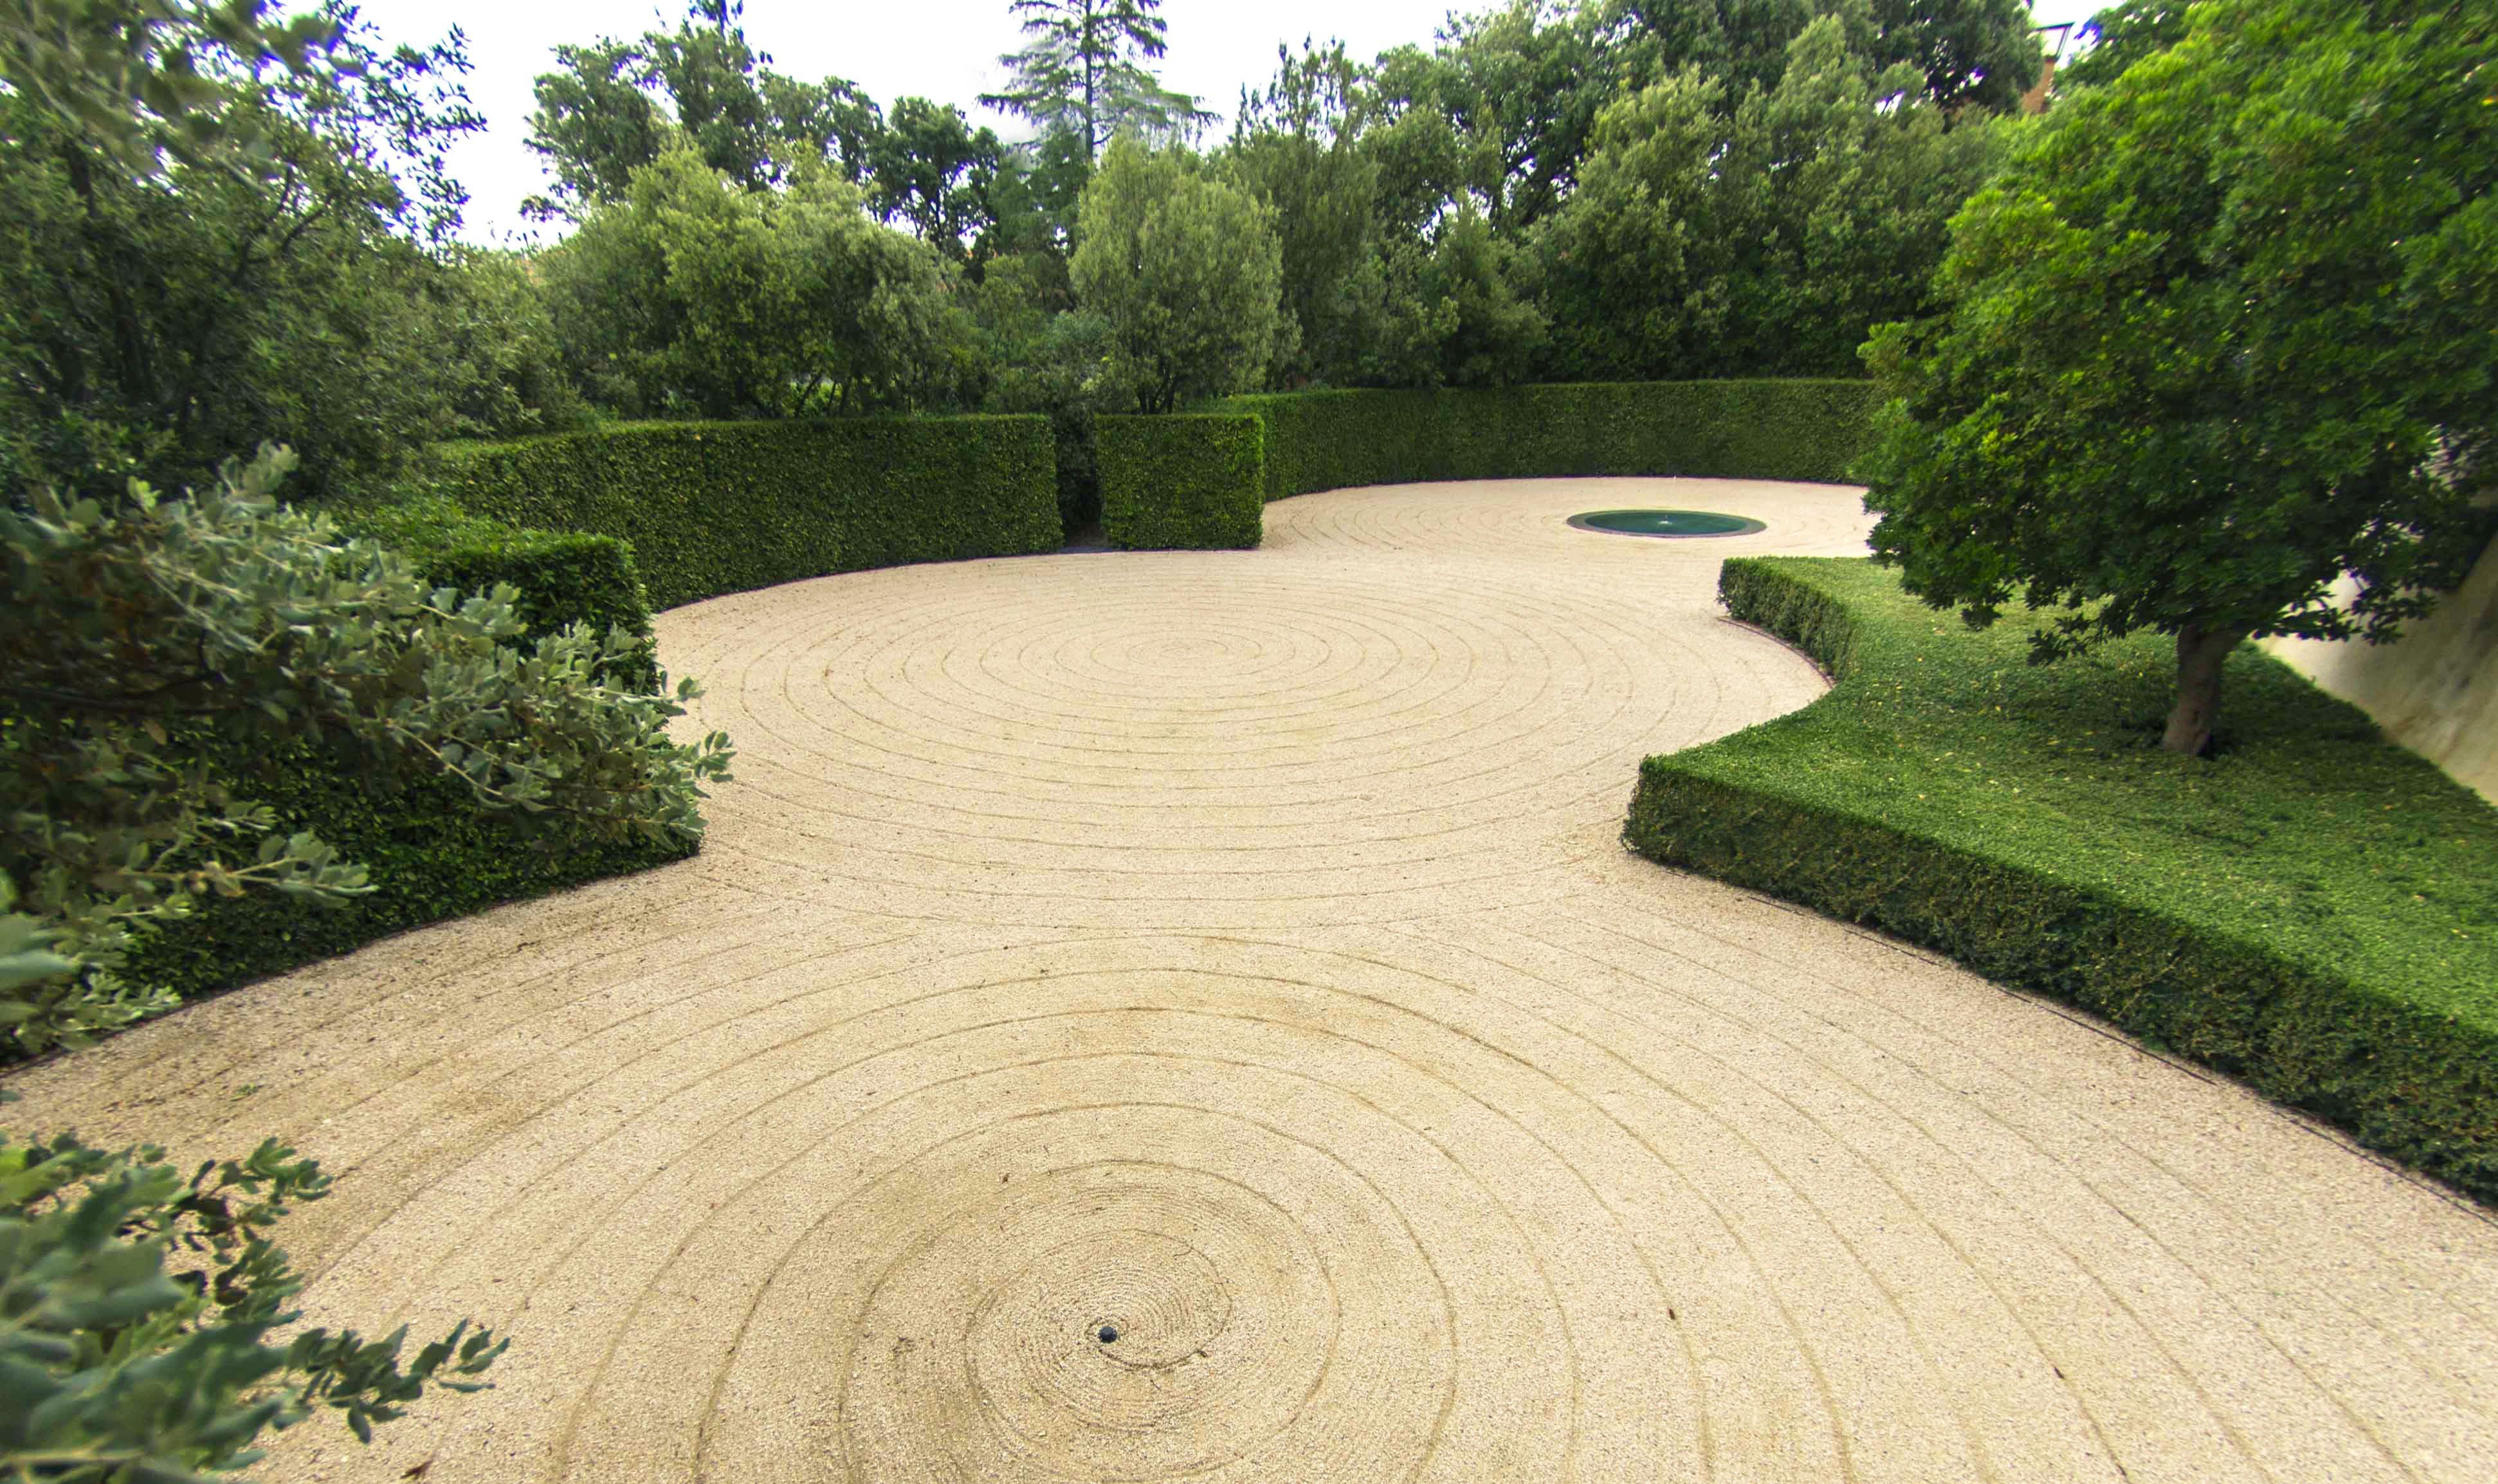 Estudio caruncho fernando caruncho gardens pinterest for Jardin en espagnol